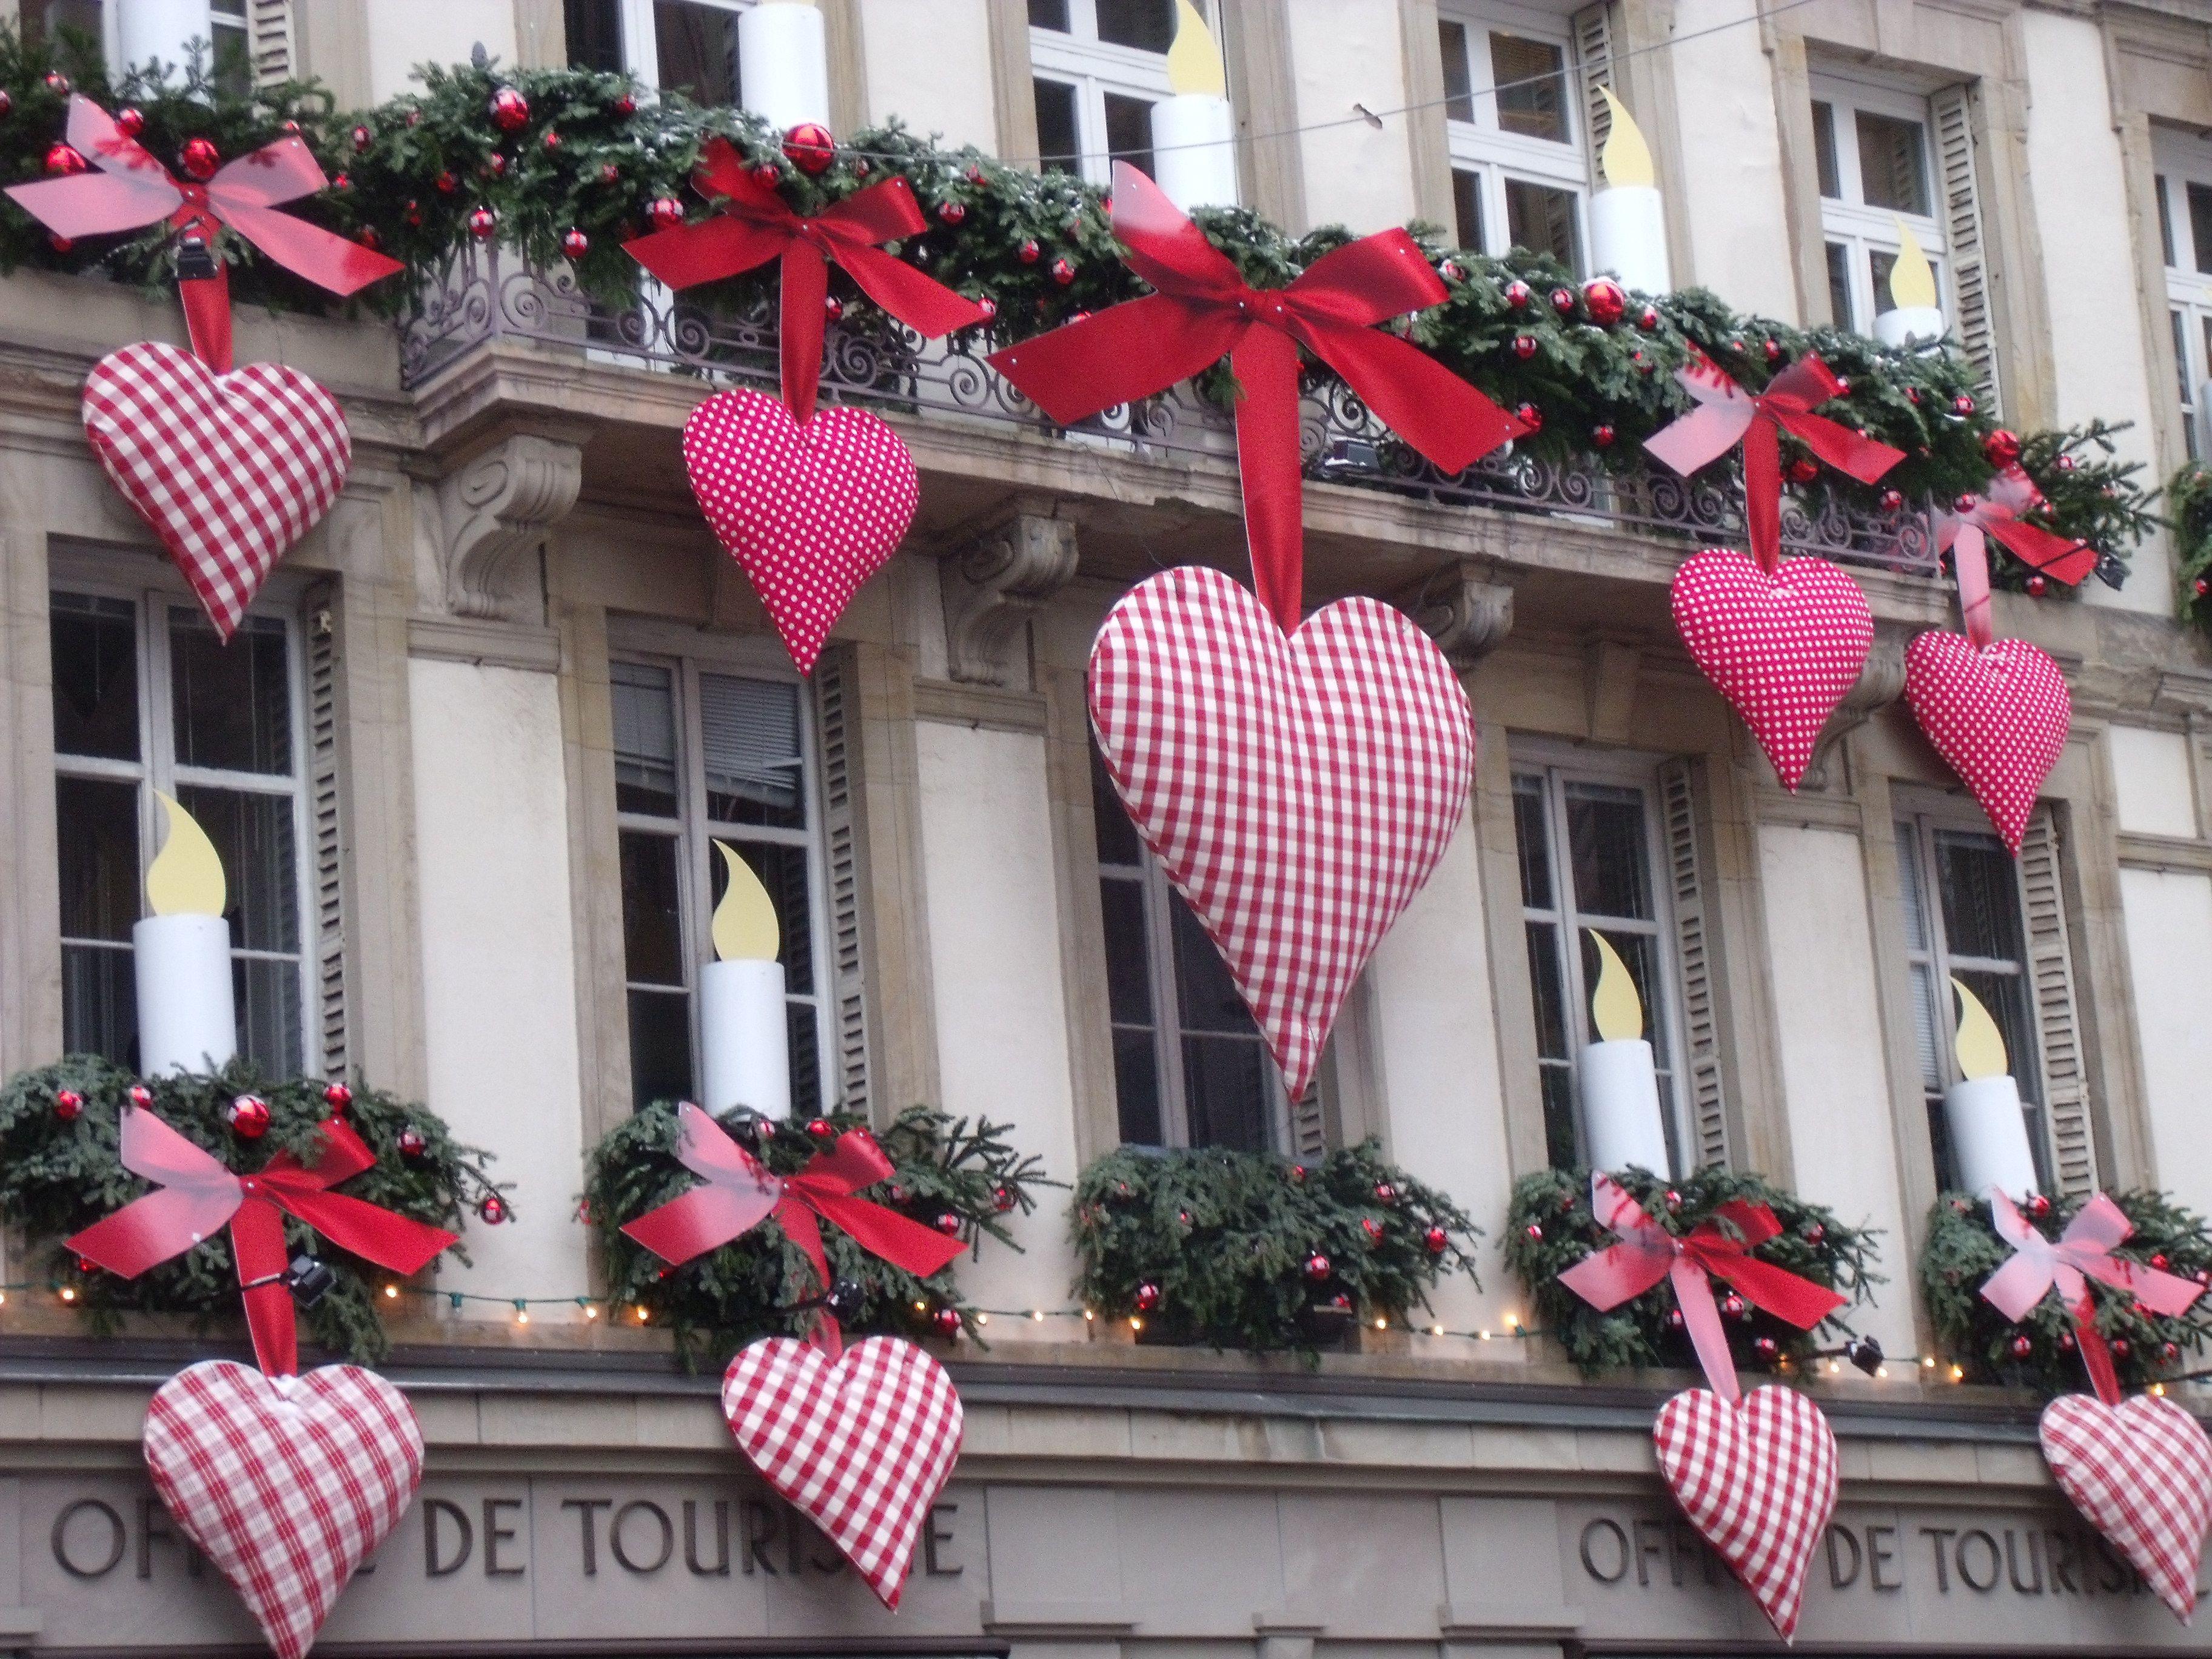 Une jolie cour intérieure Rue des Bouchers Strasbourg Alsace